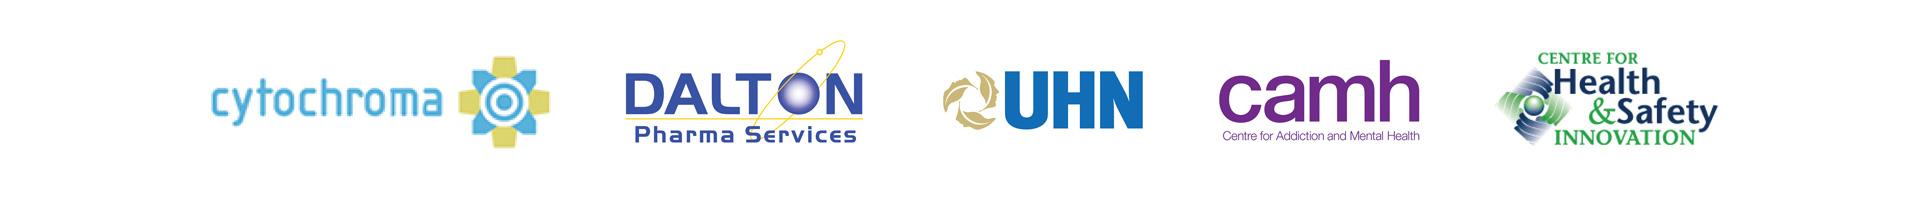 Urbacon healthcare clients